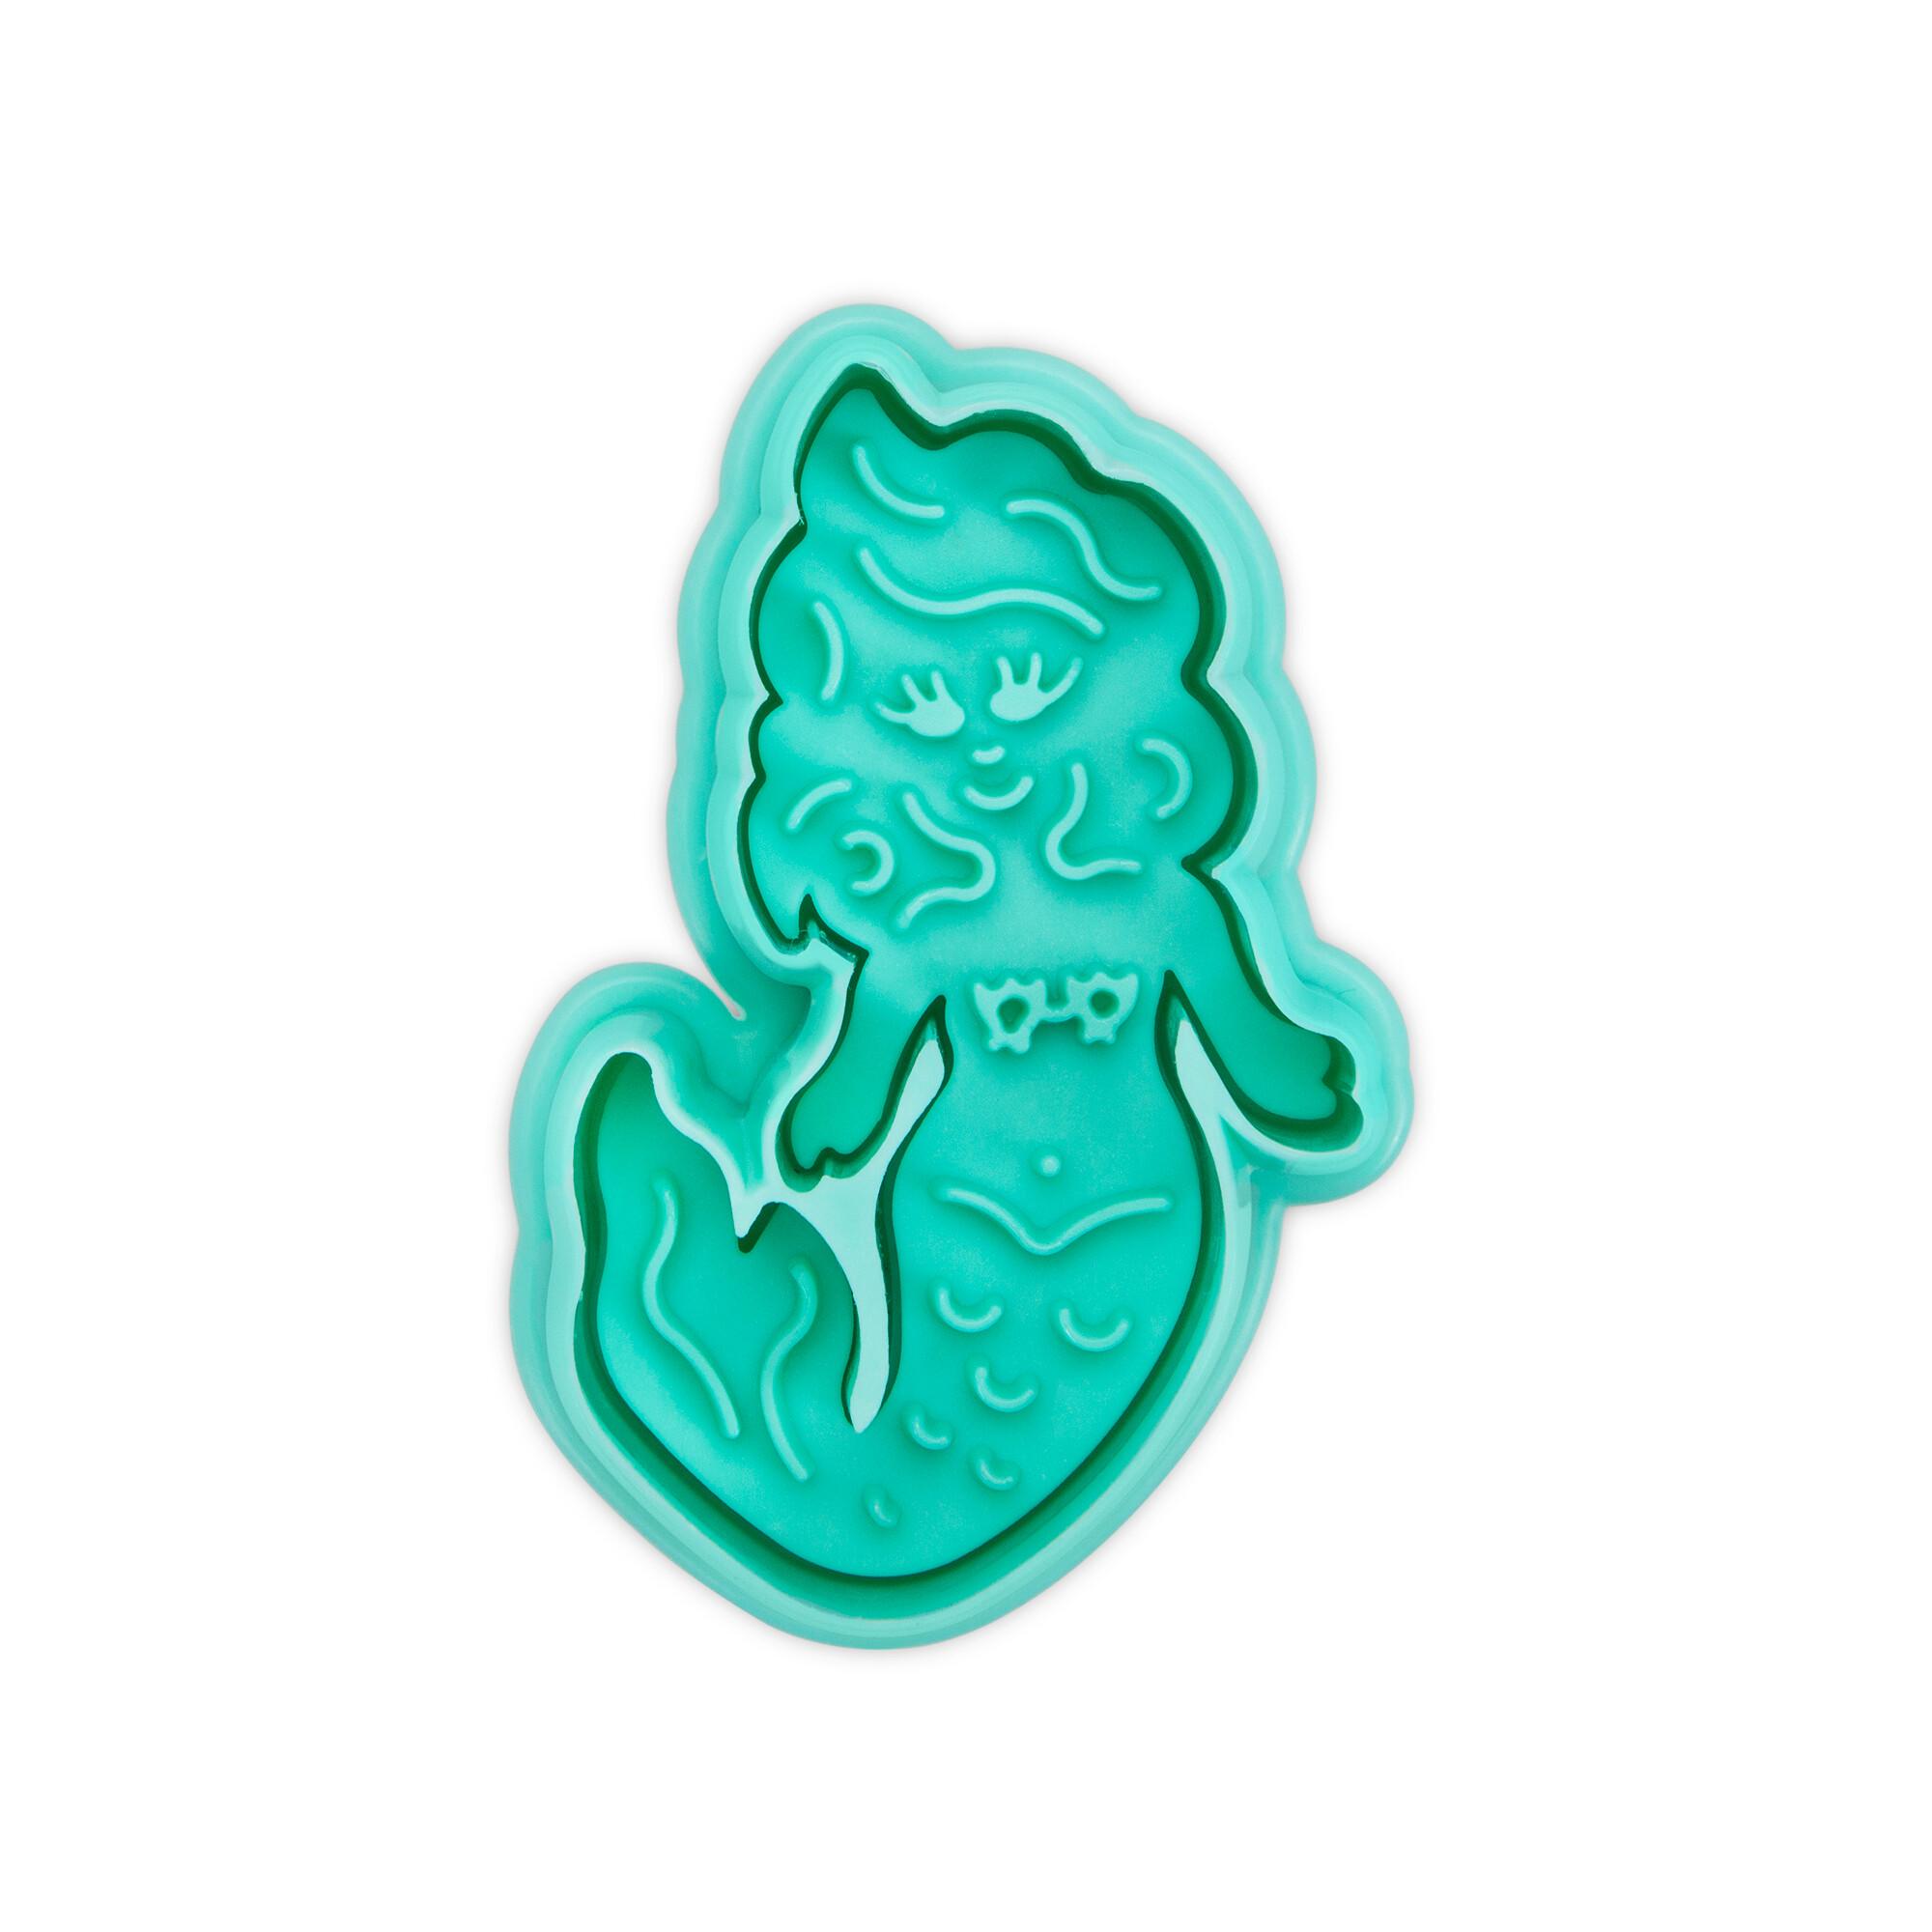 Präge-Ausstecher mit Auswerfer - Meerjungfrau